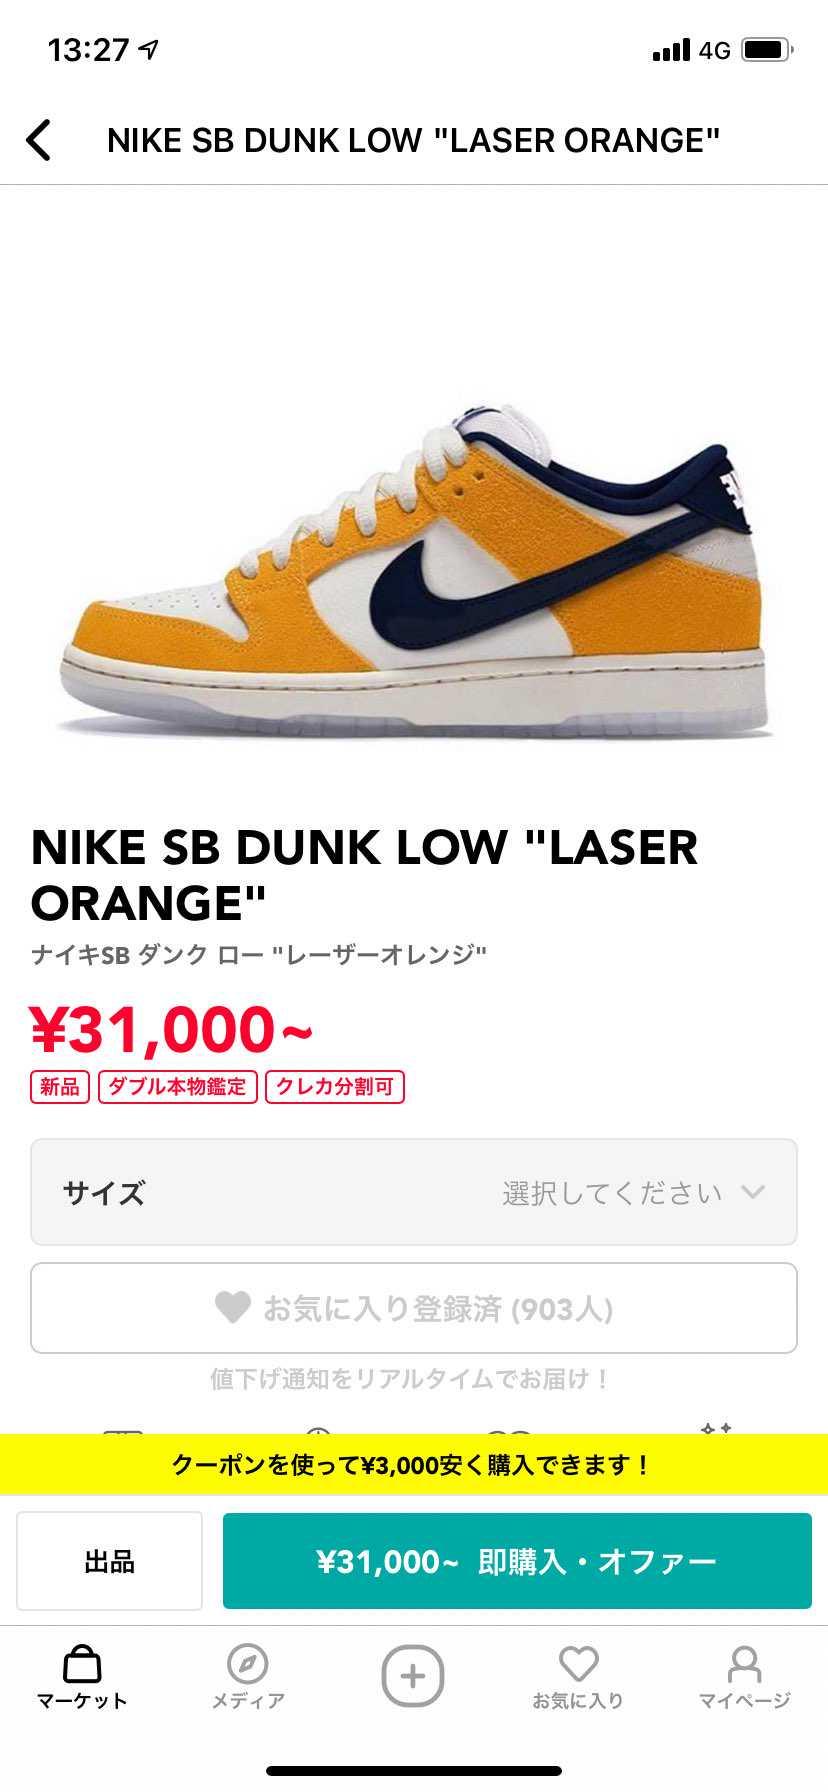 どなたか26.5㎝中古でいいんで2万5千円ほどで売ってくれないでしょうか?